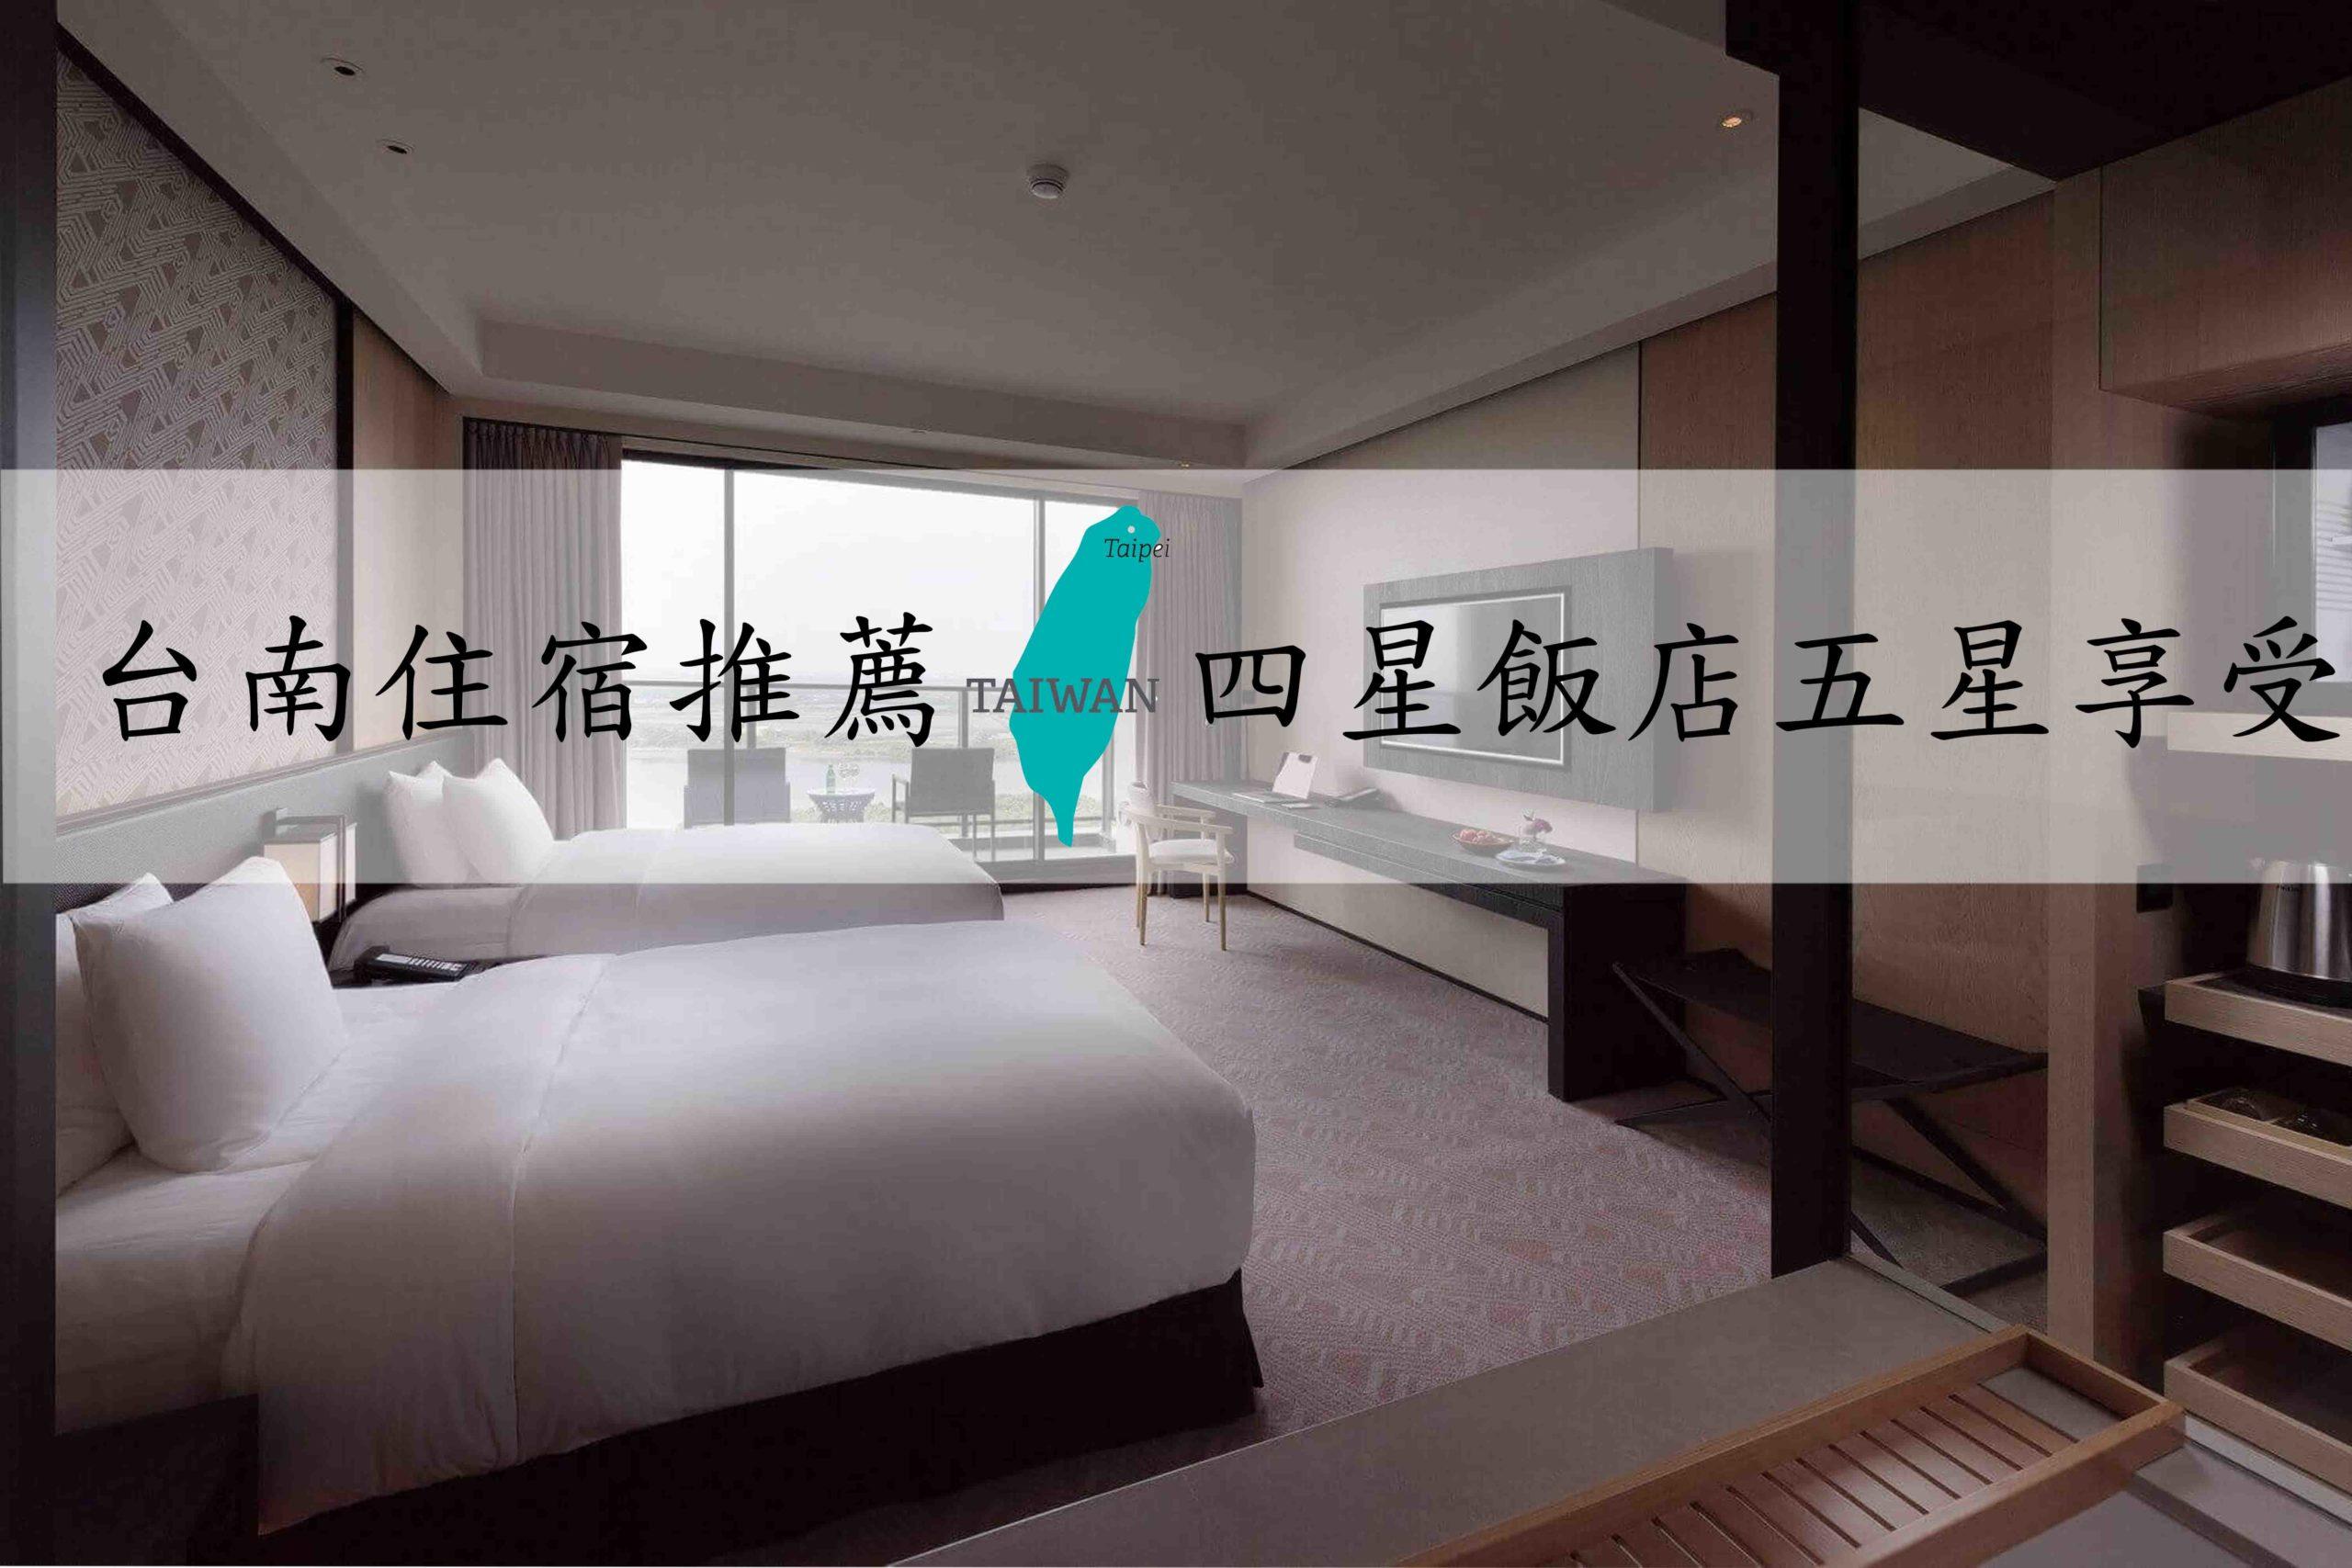 『台南市區住宿推薦2020』十大高質感飯店讓人一住上癮